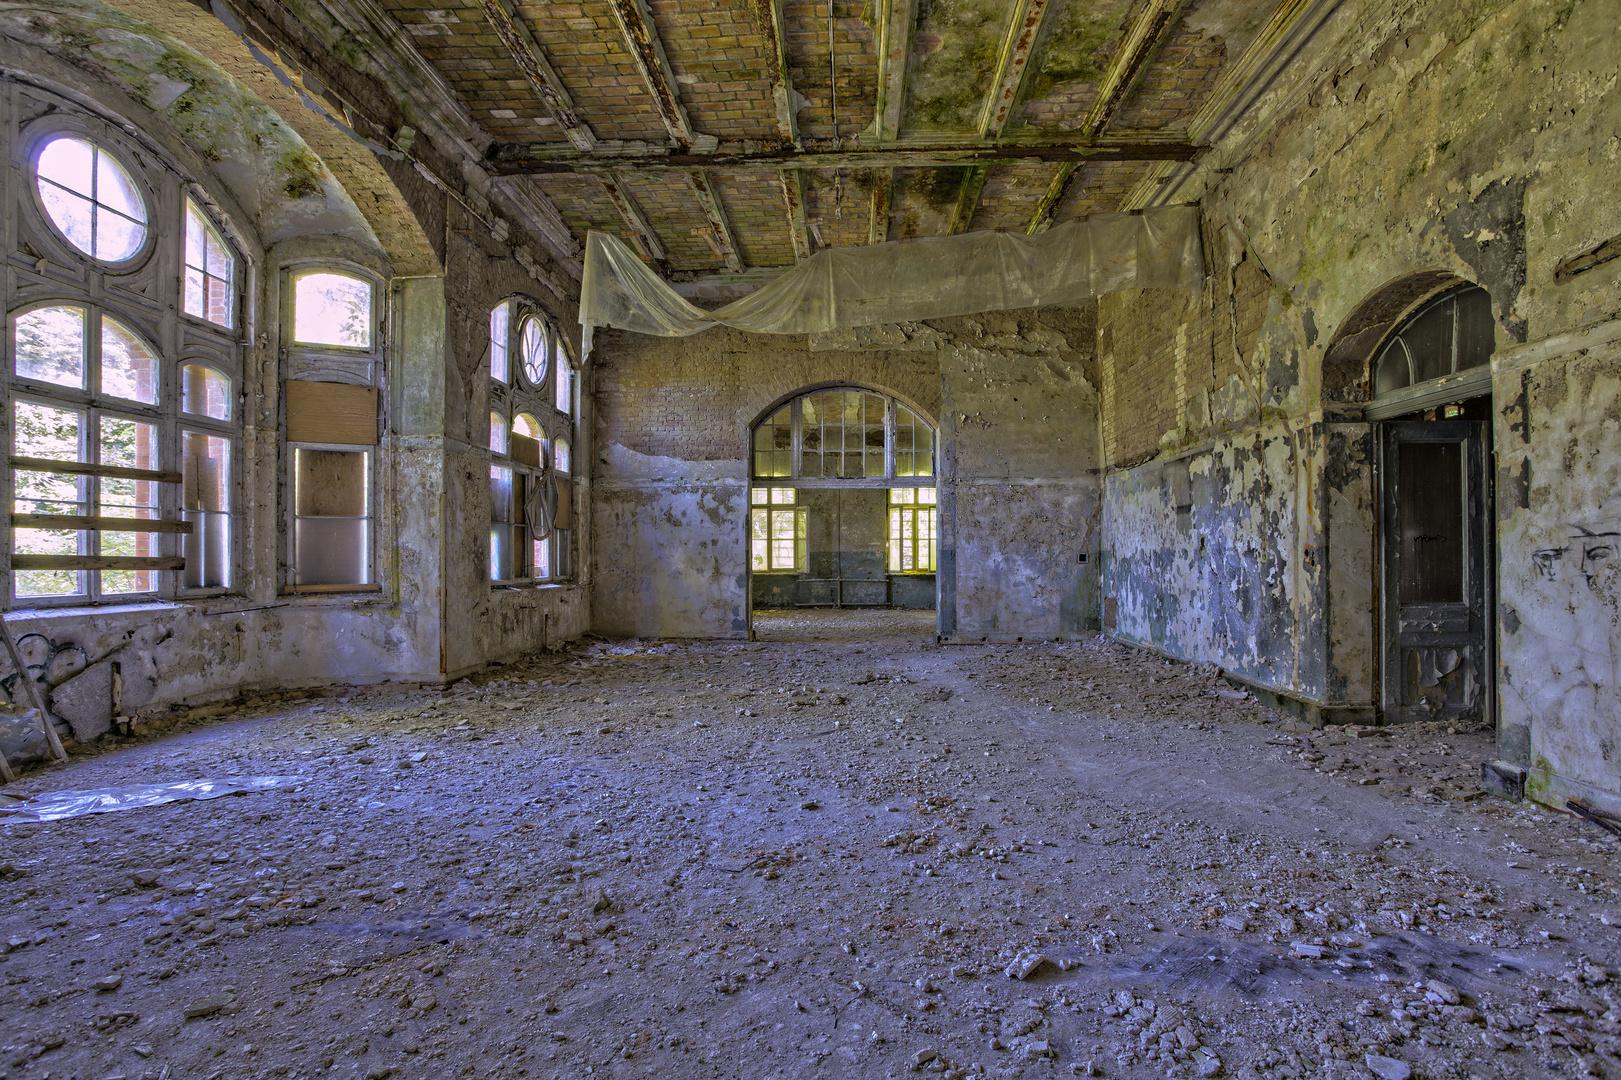 Beelitz Heilstätten - Frauensanatorium (81)